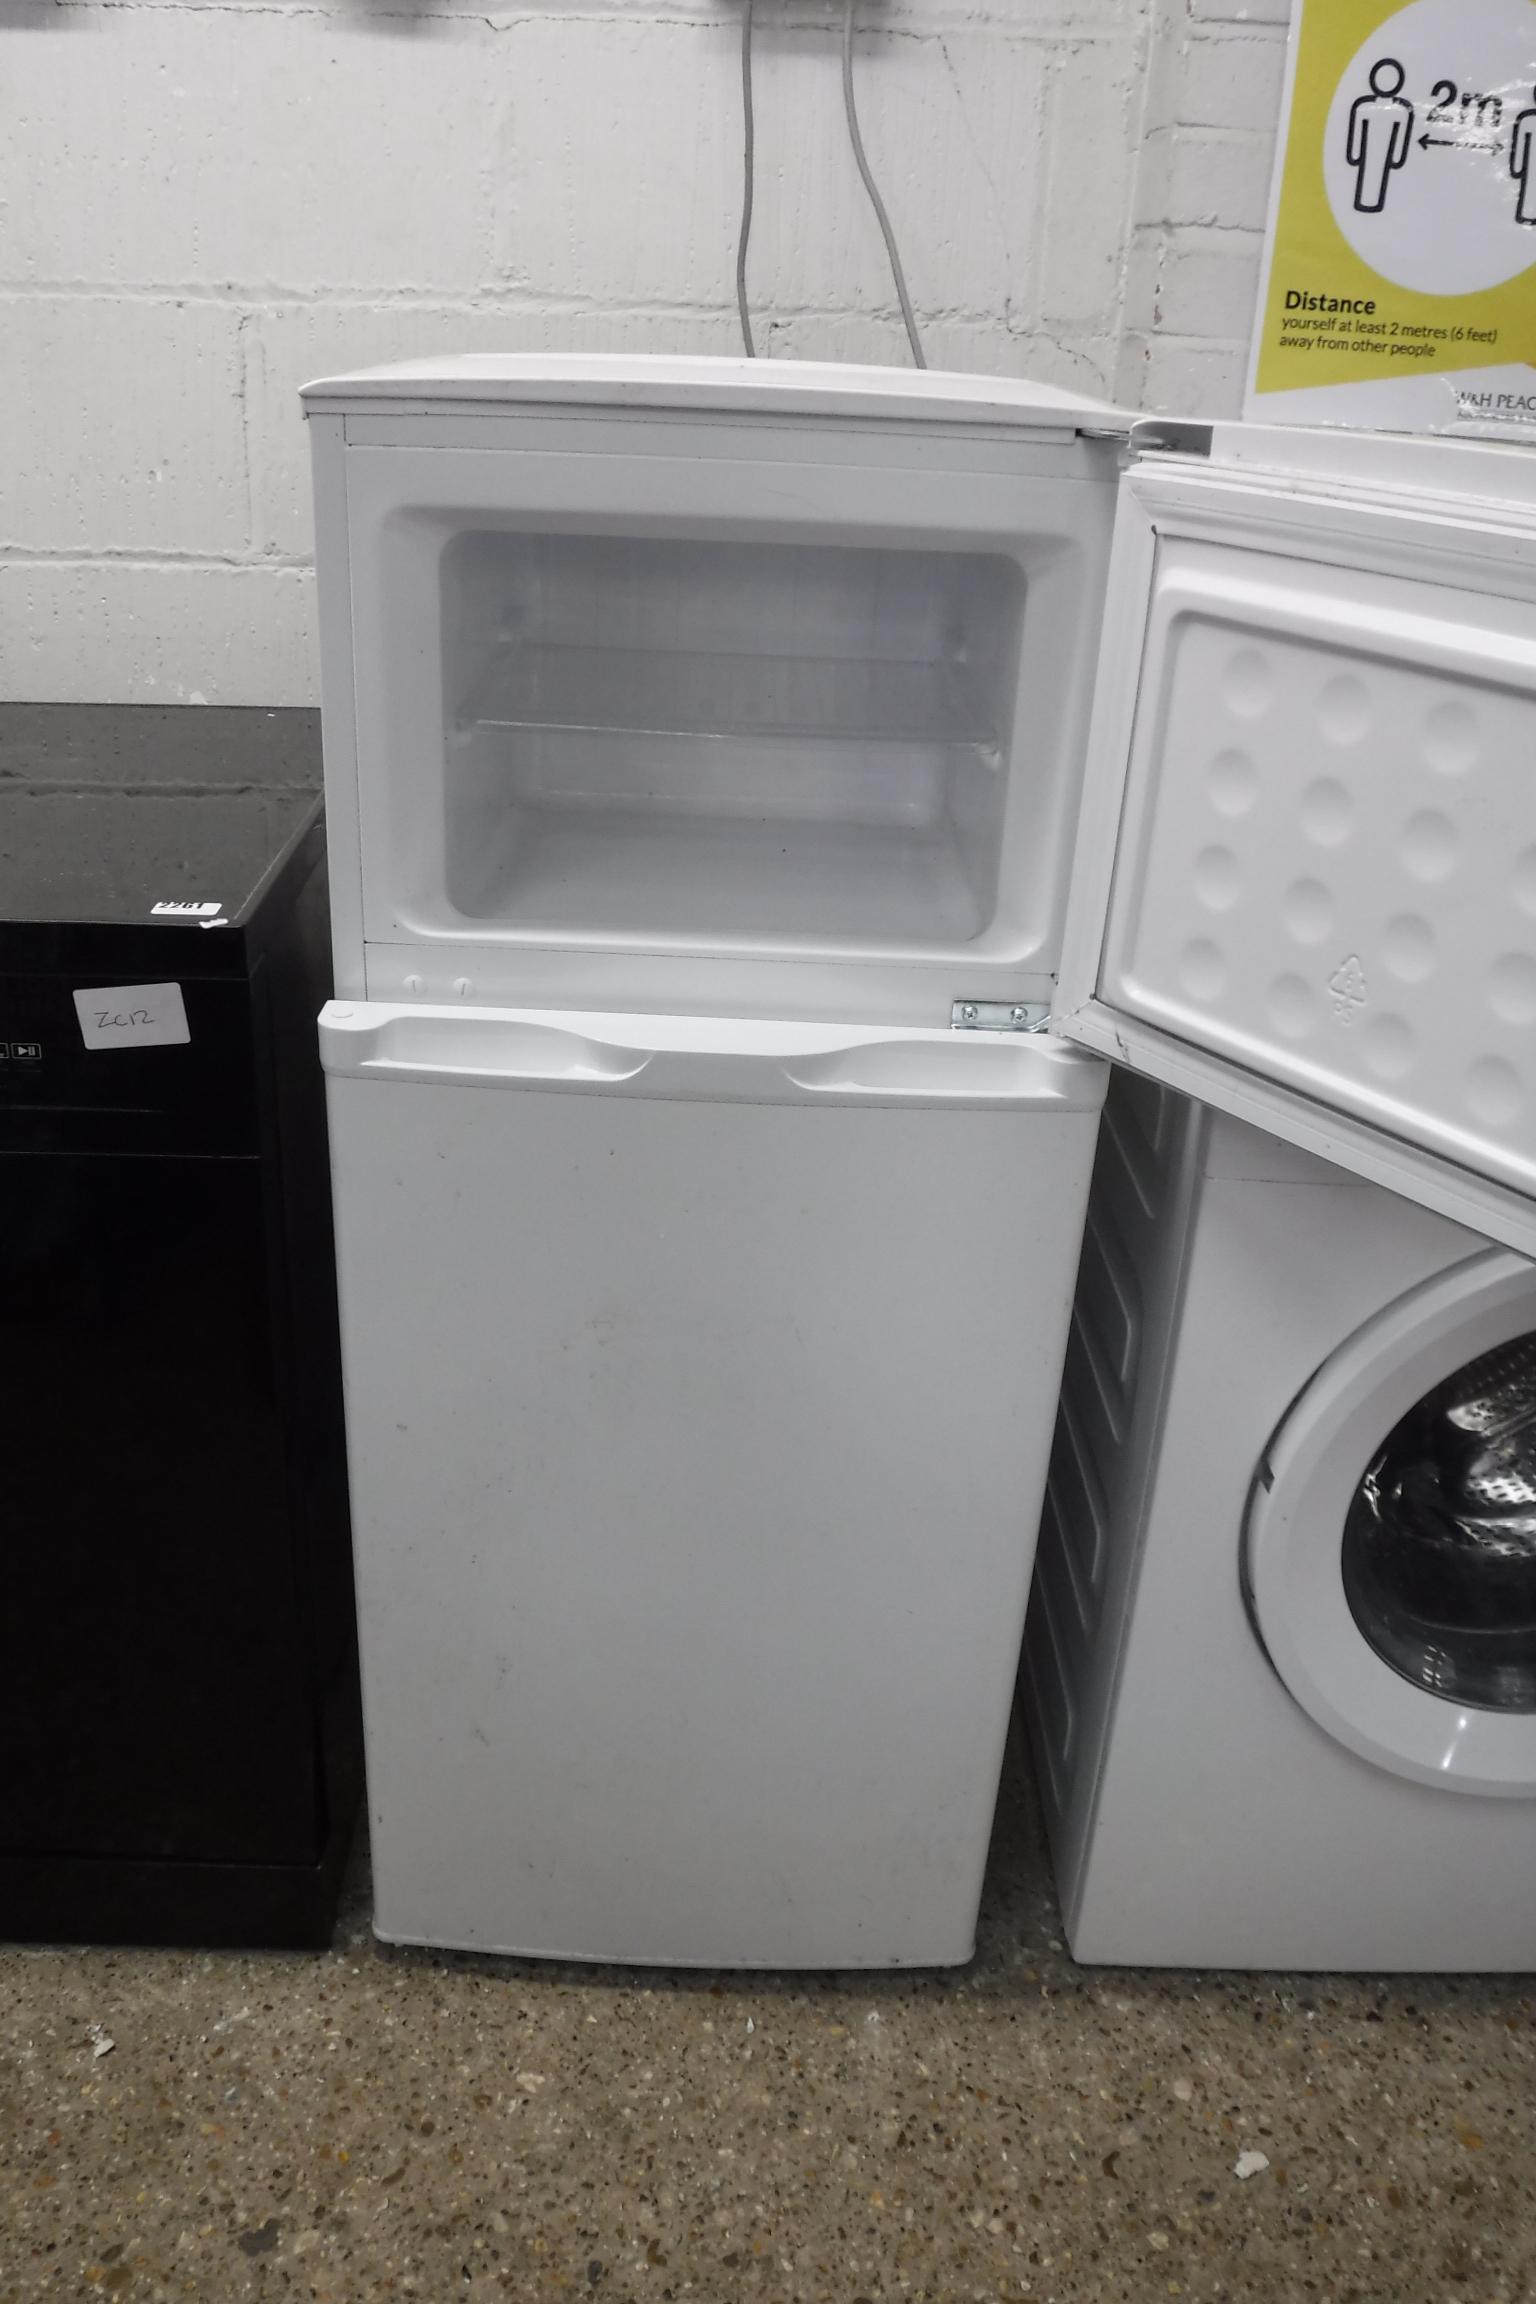 (27) Small white fridge freezer